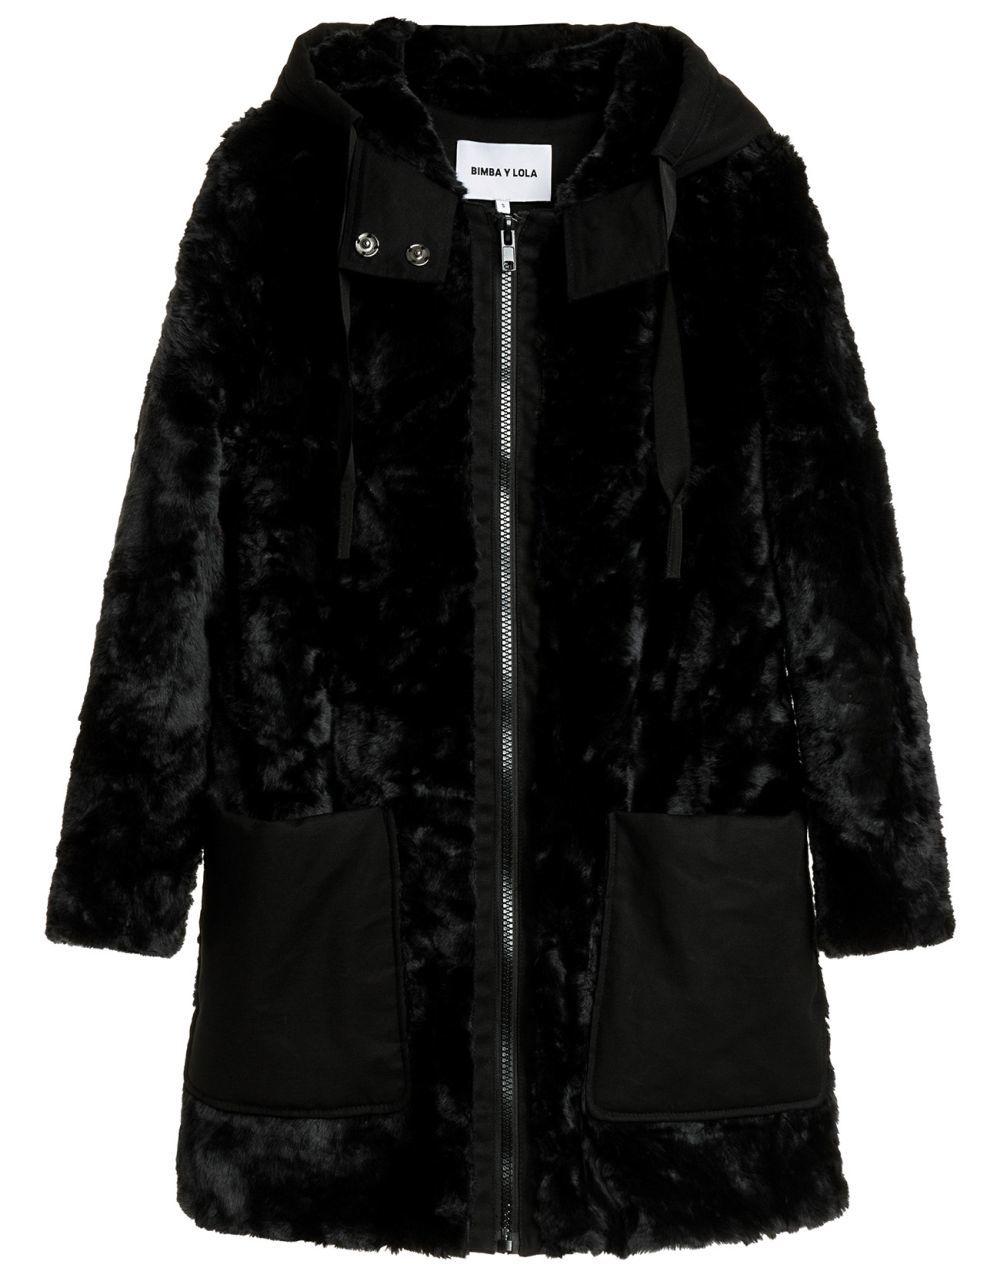 Abrigo azul de pelo Bimba y Lola (185 euros)